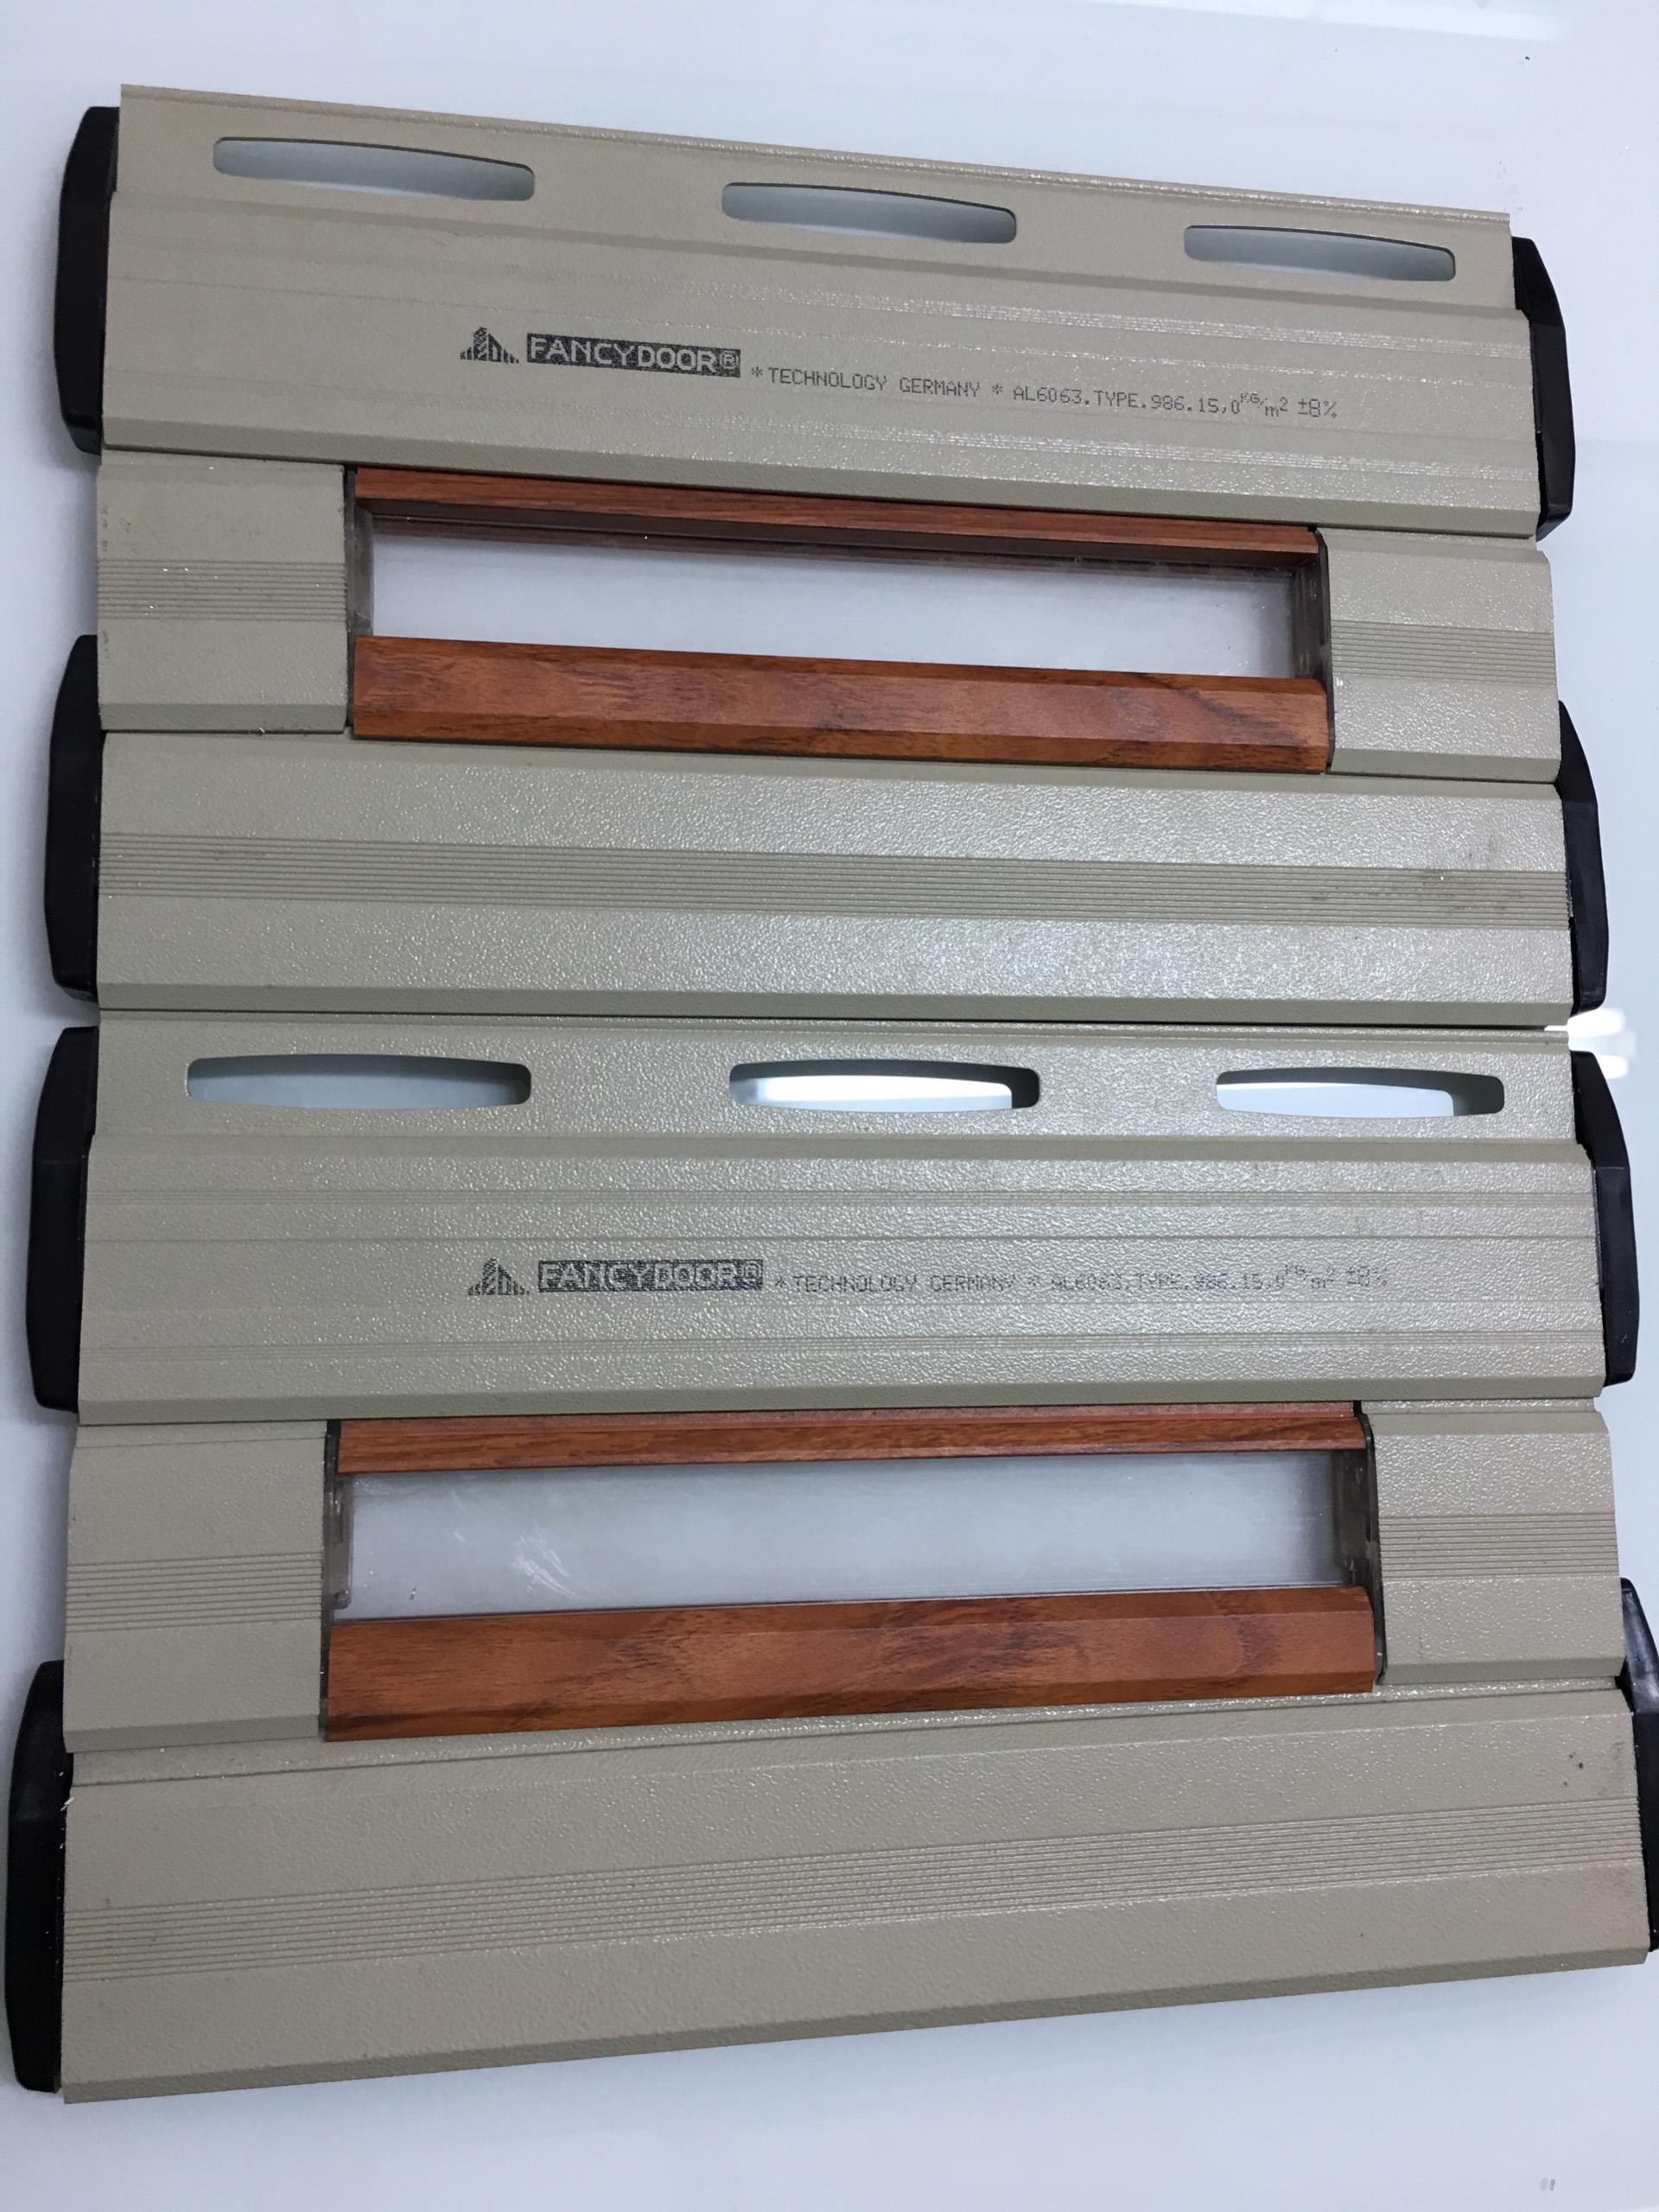 Cửa cuốn khe thoáng xuyên sáng siêu êm, giảm chấn 2 chiều Fancydoor 986